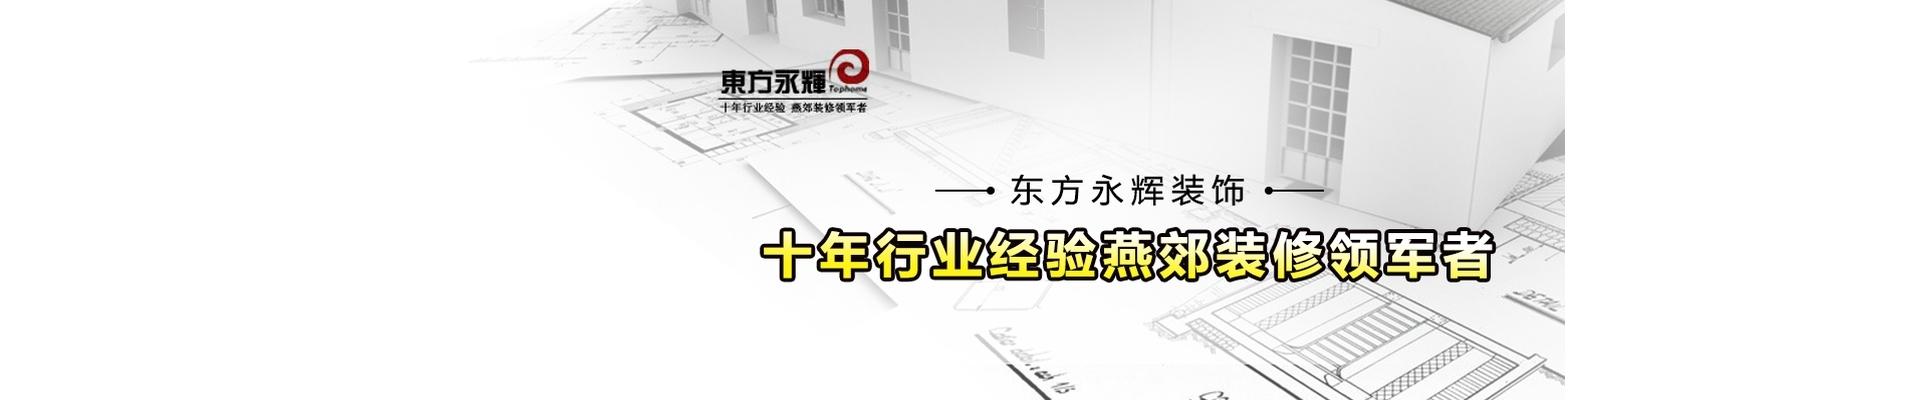 三河东方永辉装饰公司